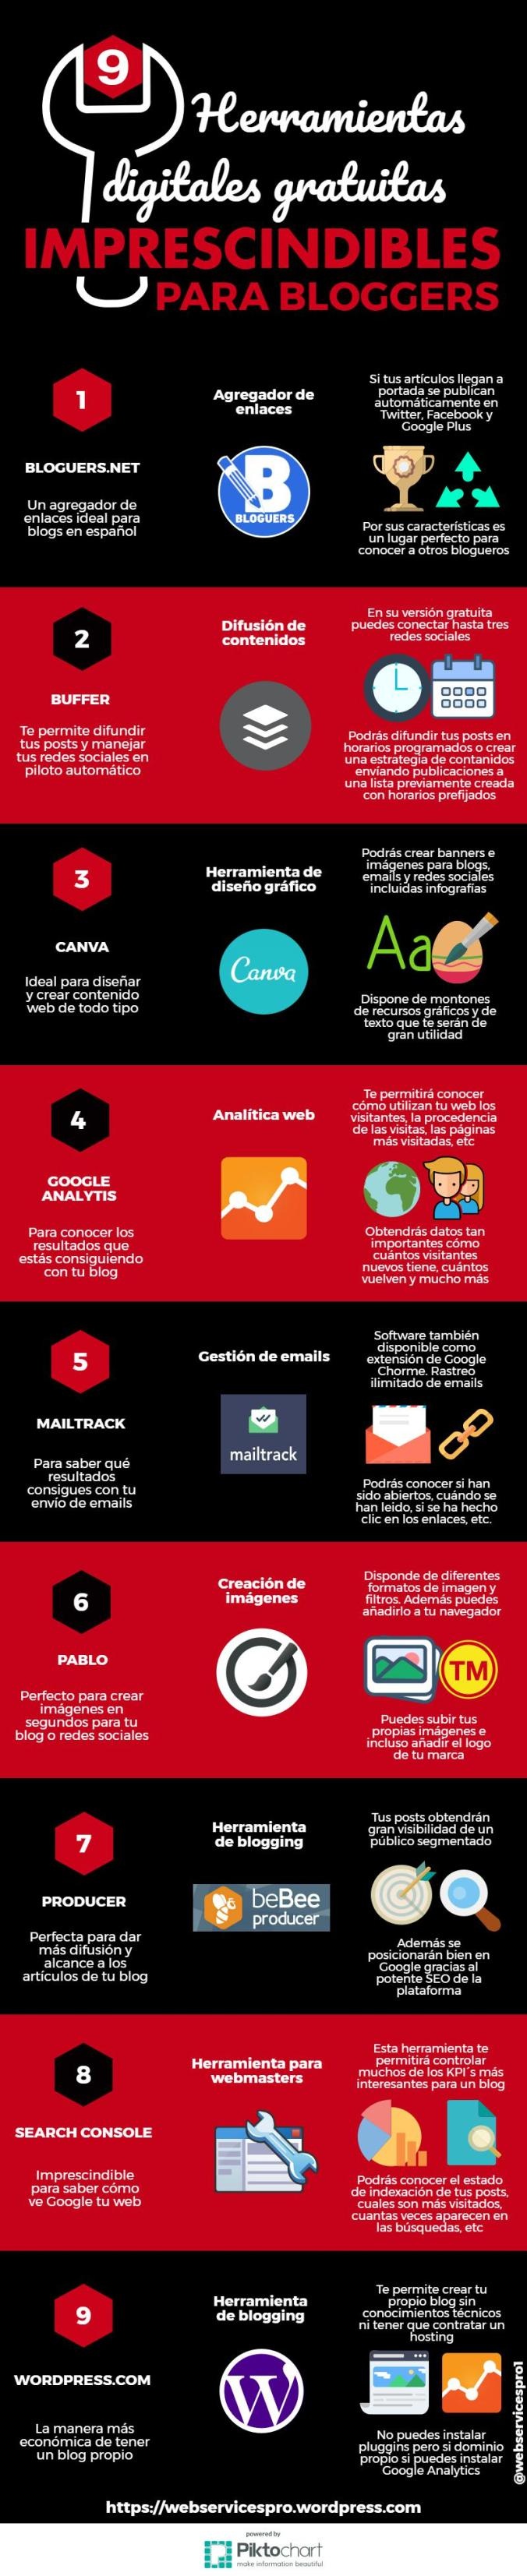 9 herramientas gratuitas imprescindibles para bloggers